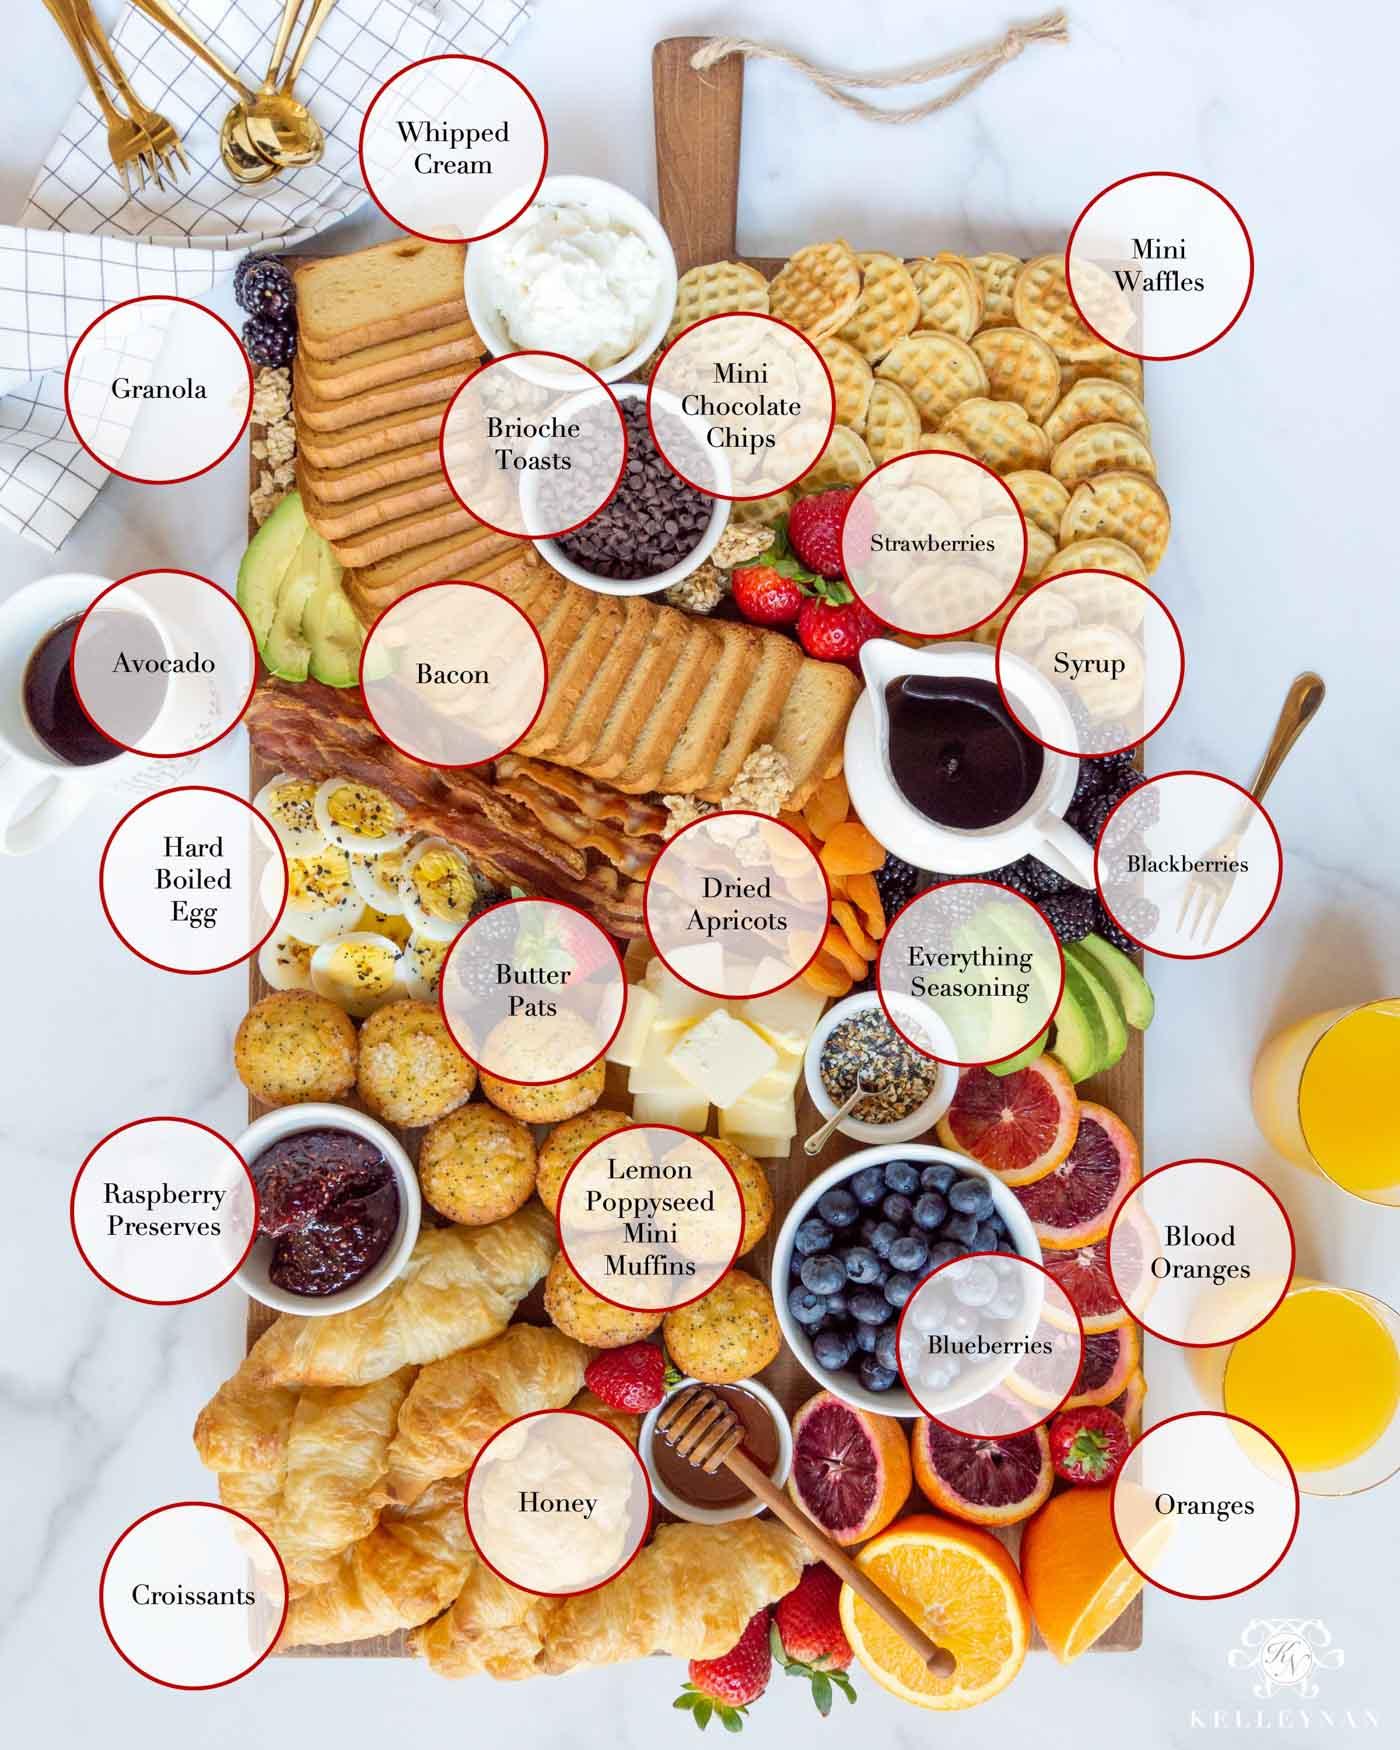 Ideas for a Morning Breakfast Board